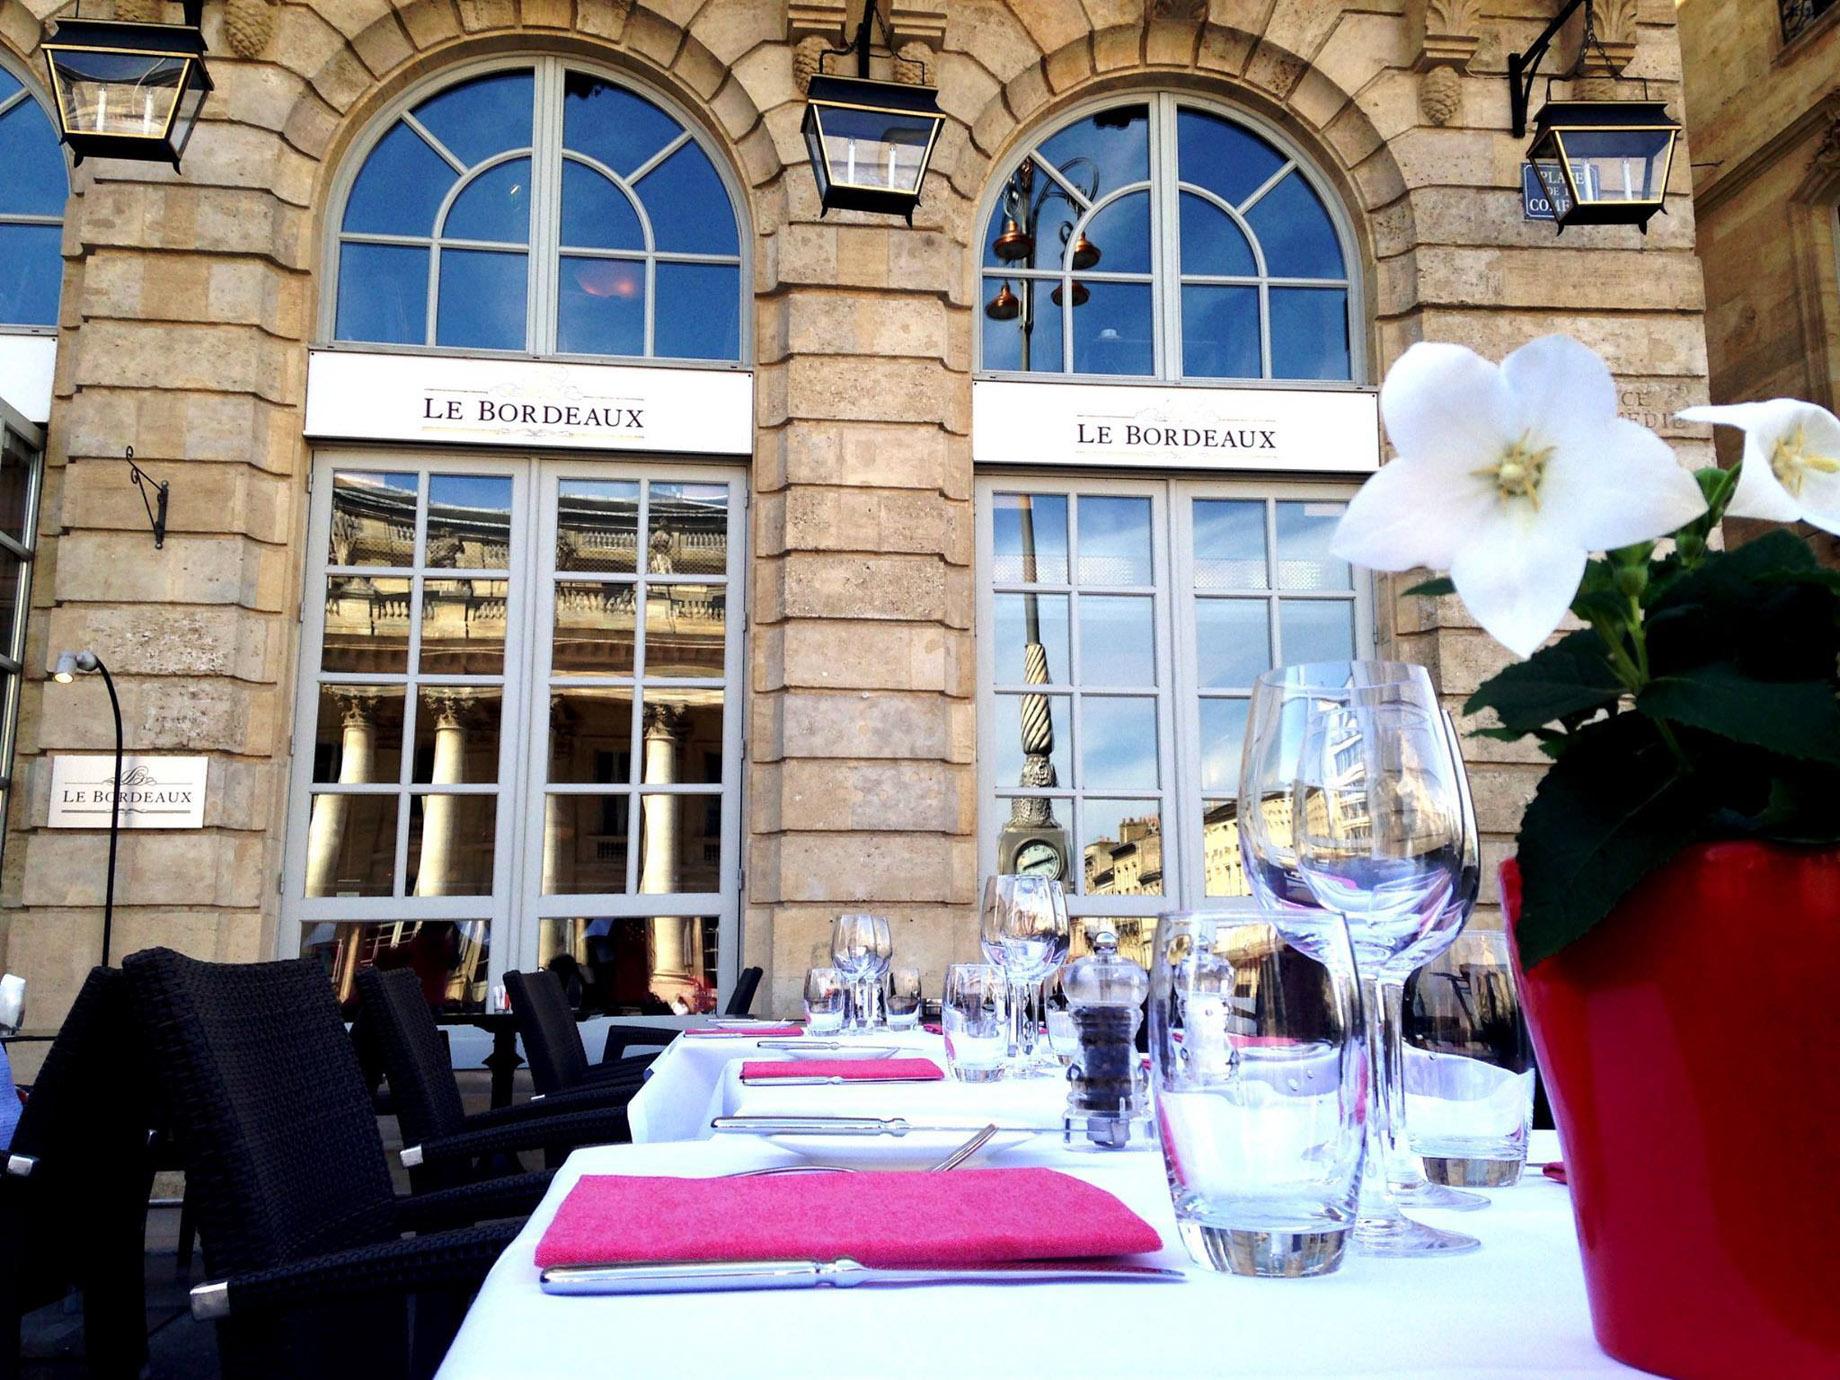 InterContinental Bordeaux Le Grand Hotel – Bordeaux, France – Le Bordeaux